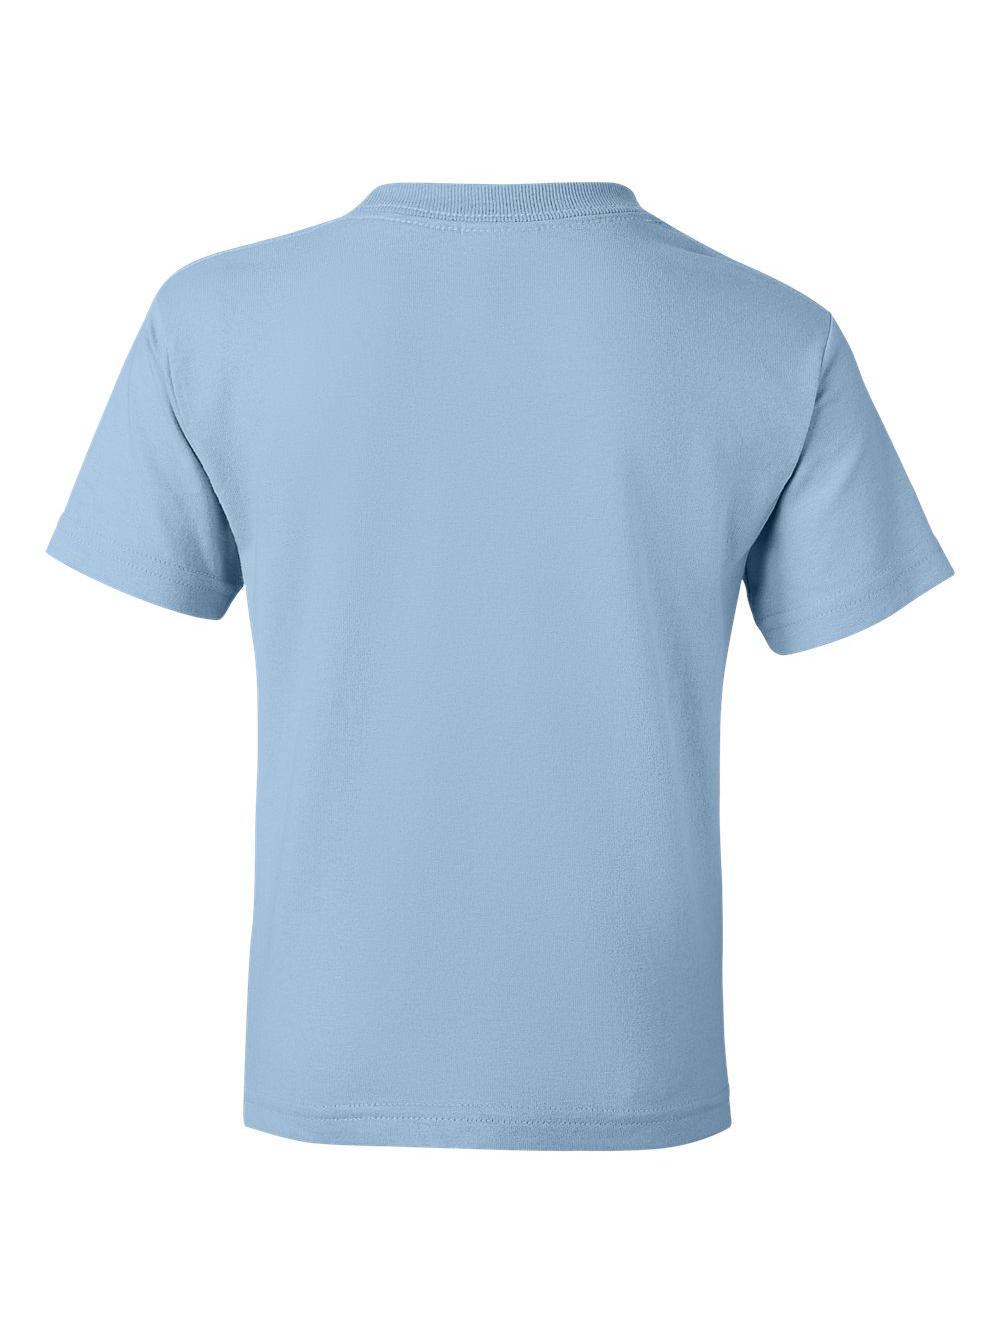 Gildan-DryBlend-Youth-50-50-T-Shirt-8000B thumbnail 58